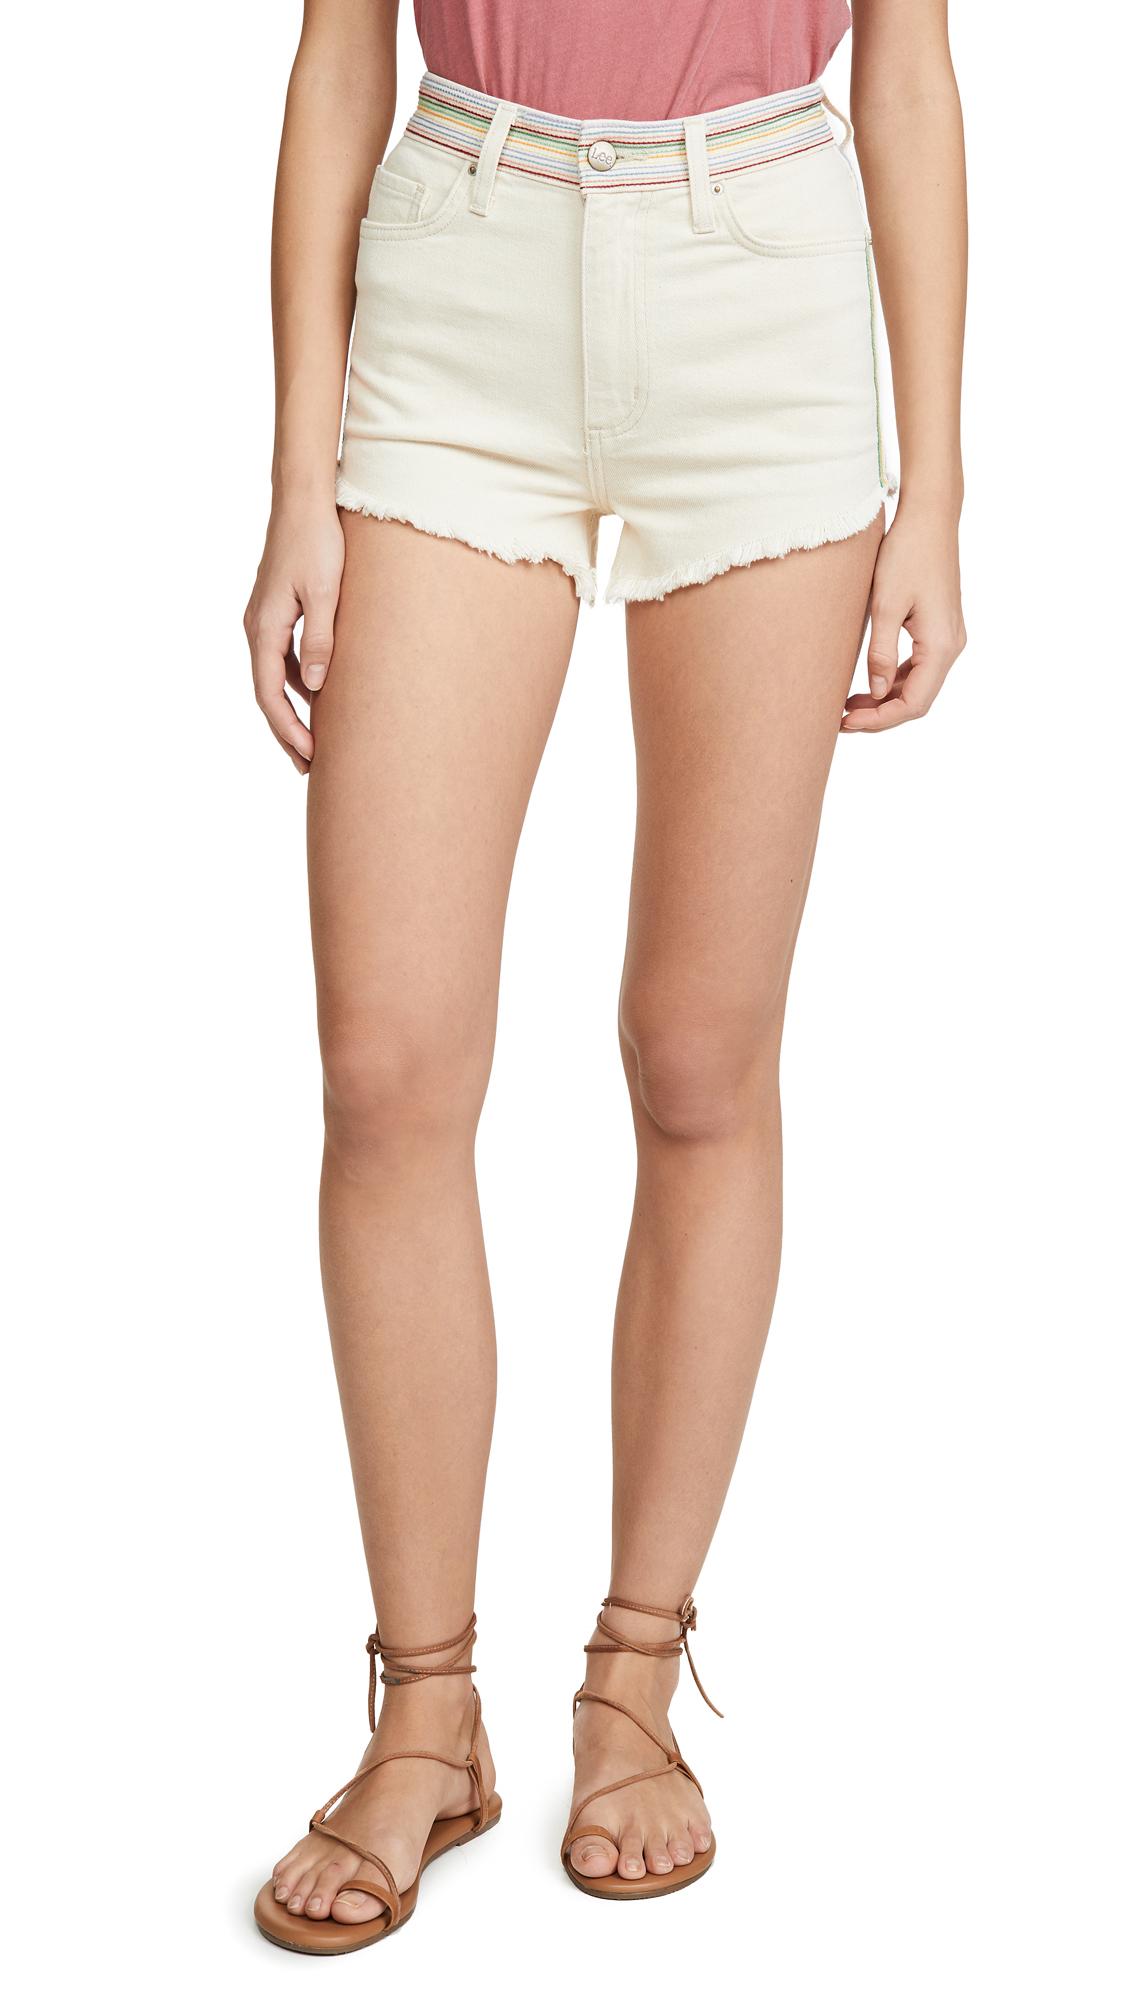 Lee Vintage Modern Cutoff Shorts - Ecru